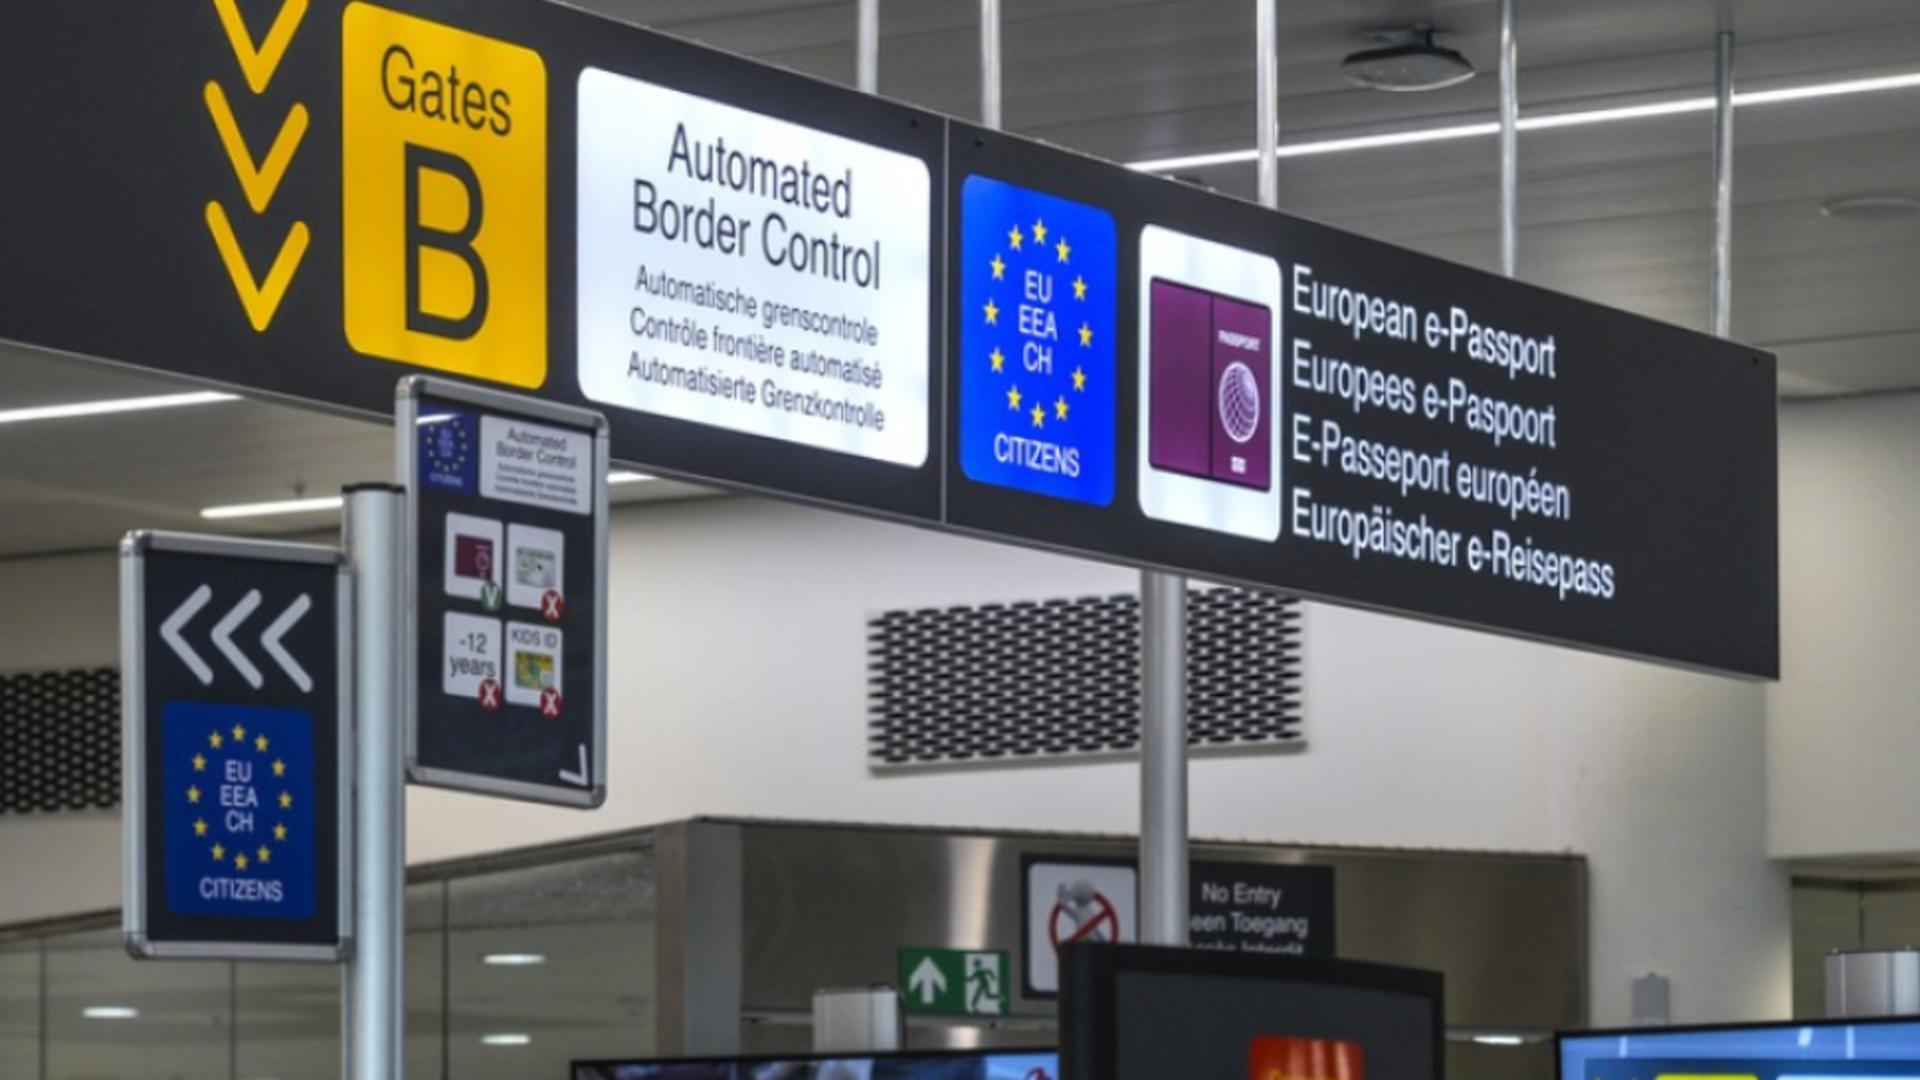 Comisia Europeană: Țările din Balcanii de Vest și cele din Parteneriatul Estic îndeplinesc condițiile pentru călătorii FĂRĂ viză